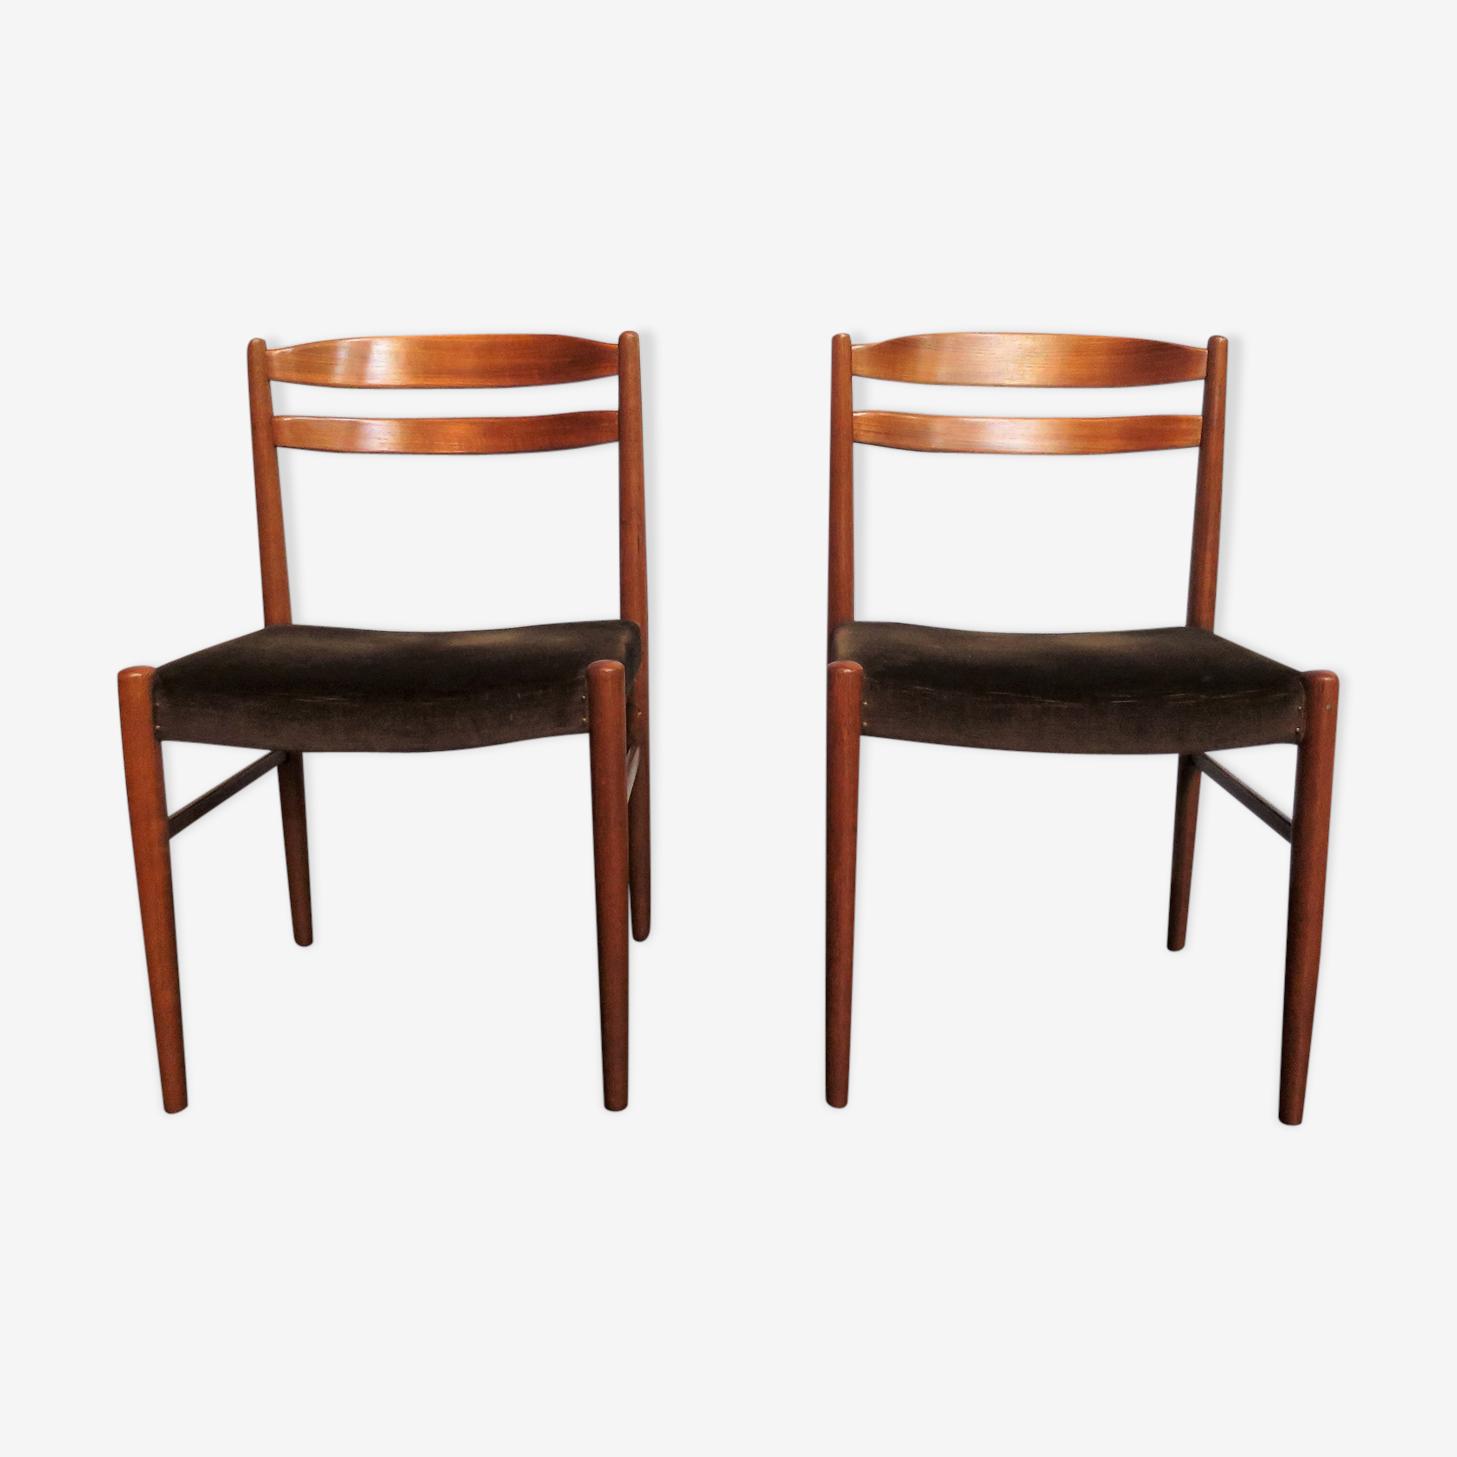 Paire de chaises scandinaves Johansson